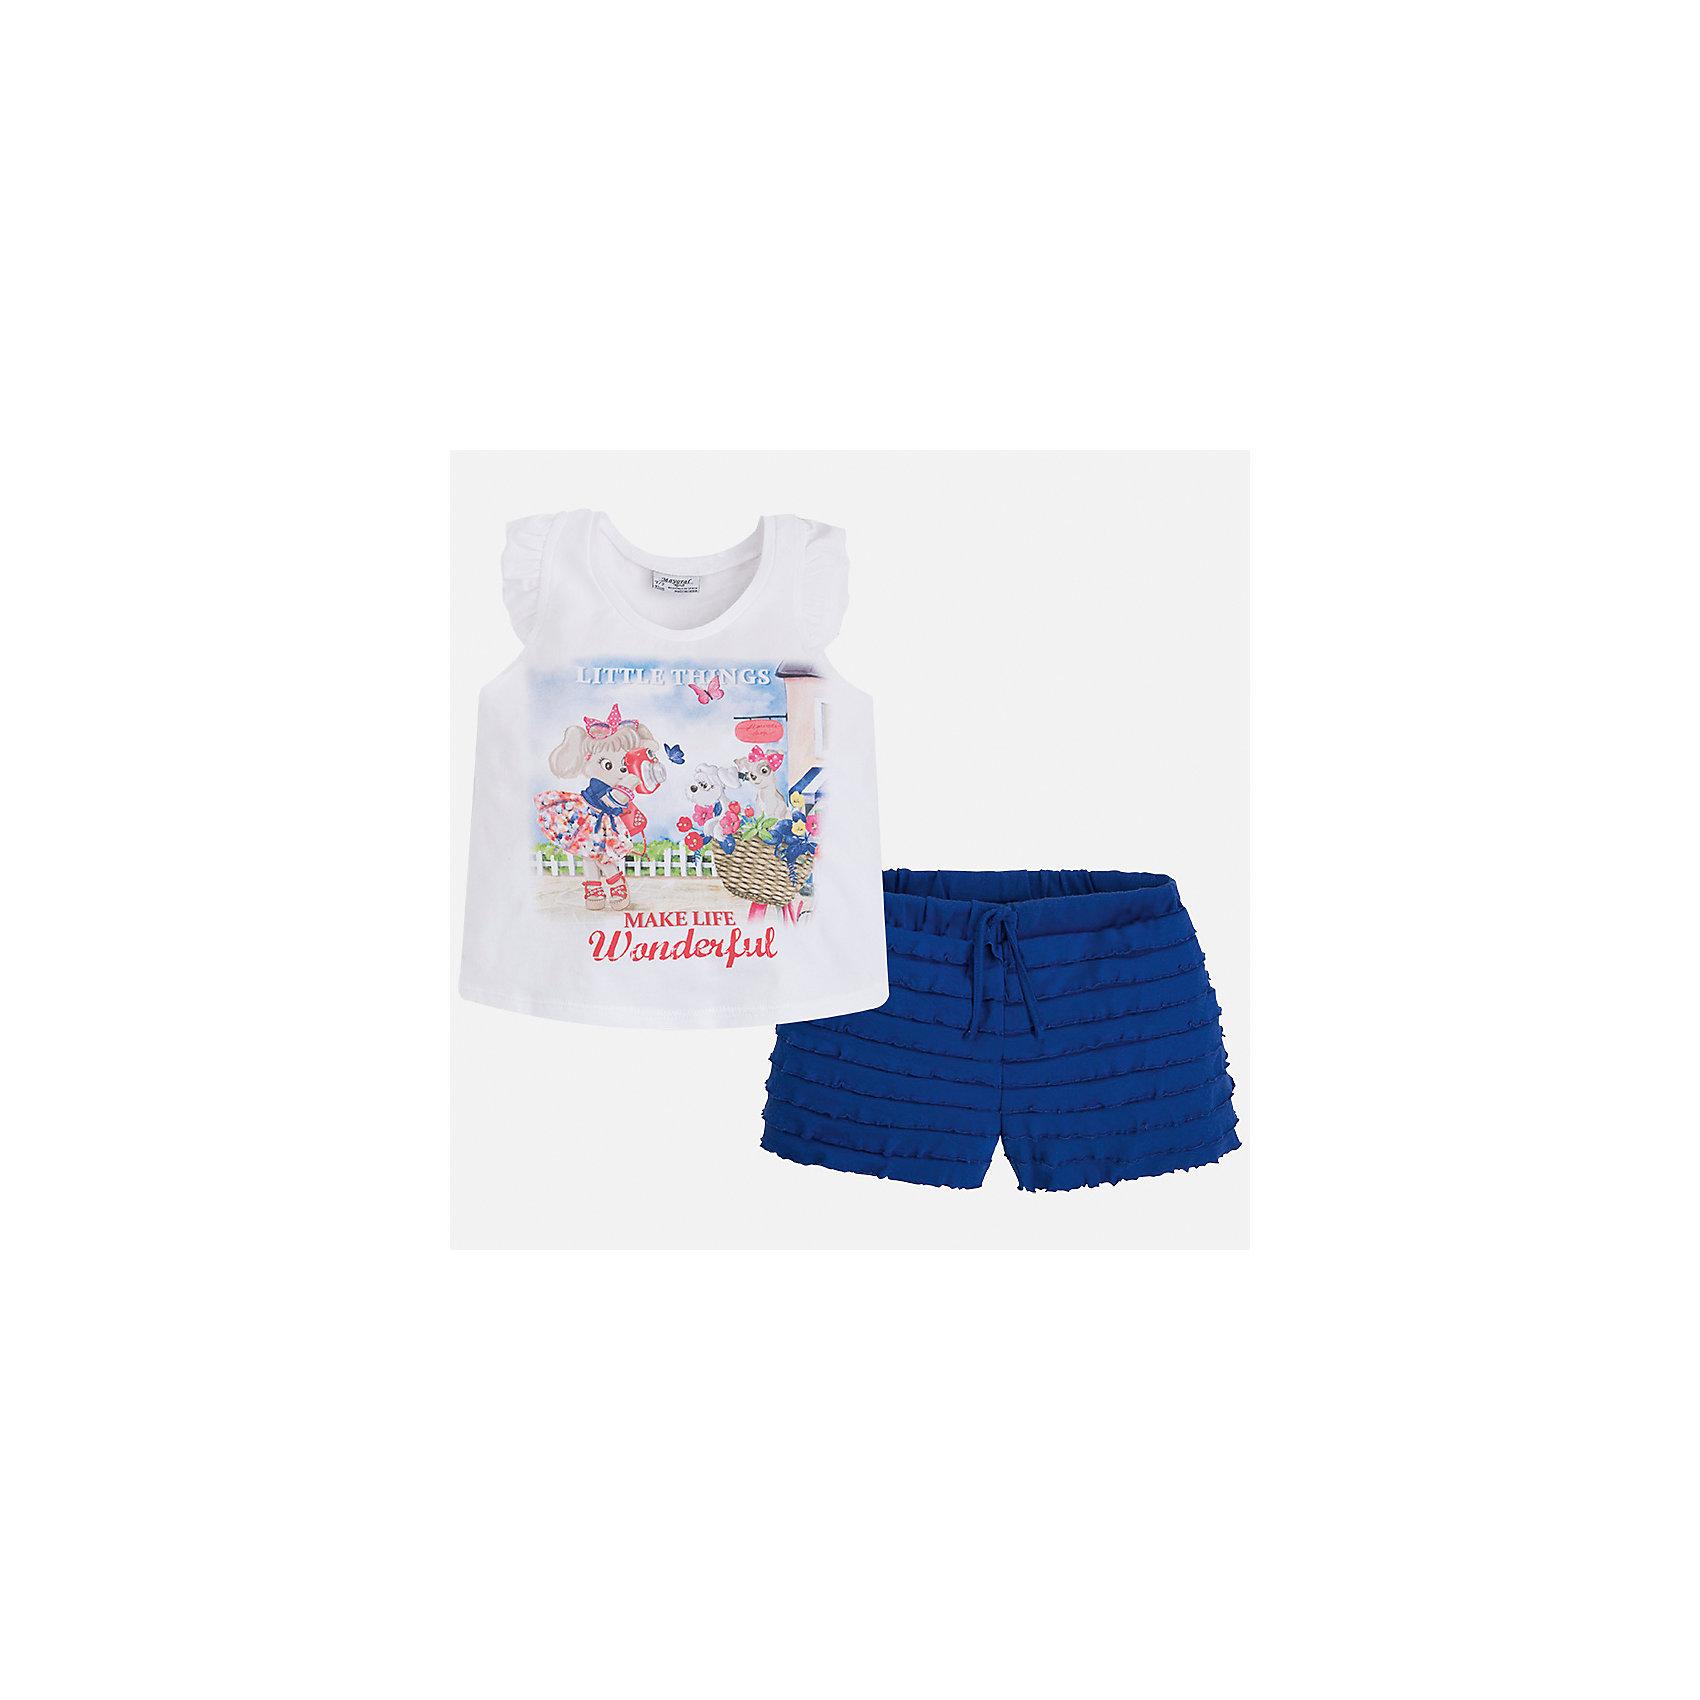 Комплект: футболка с длинным рукавом и шорты для девочки MayoralКомплекты<br>Характеристики товара:<br><br>• цвет: белый/синий<br>• состав: 95% хлопок, 5% эластан<br>• комплектация: футболка, шорты<br>• футболка декорирована принтом<br>• шорты с оборками<br>• пояс на шнурке<br>• страна бренда: Испания<br><br>Модный красивый комплект для девочки поможет разнообразить гардероб ребенка и удобно одеться в теплую погоду. Он отлично сочетается с другими предметами. Универсальный цвет позволяет подобрать к вещам верхнюю одежду практически любой расцветки. Интересная отделка модели делает её нарядной и оригинальной. В составе материала - натуральный хлопок, гипоаллергенный, приятный на ощупь, дышащий.<br><br>Одежда, обувь и аксессуары от испанского бренда Mayoral полюбились детям и взрослым по всему миру. Модели этой марки - стильные и удобные. Для их производства используются только безопасные, качественные материалы и фурнитура. Порадуйте ребенка модными и красивыми вещами от Mayoral! <br><br>Комплект для девочки от испанского бренда Mayoral (Майорал) можно купить в нашем интернет-магазине.<br><br>Ширина мм: 191<br>Глубина мм: 10<br>Высота мм: 175<br>Вес г: 273<br>Цвет: синий<br>Возраст от месяцев: 48<br>Возраст до месяцев: 60<br>Пол: Женский<br>Возраст: Детский<br>Размер: 110,116,122,92,98,104<br>SKU: 5289929